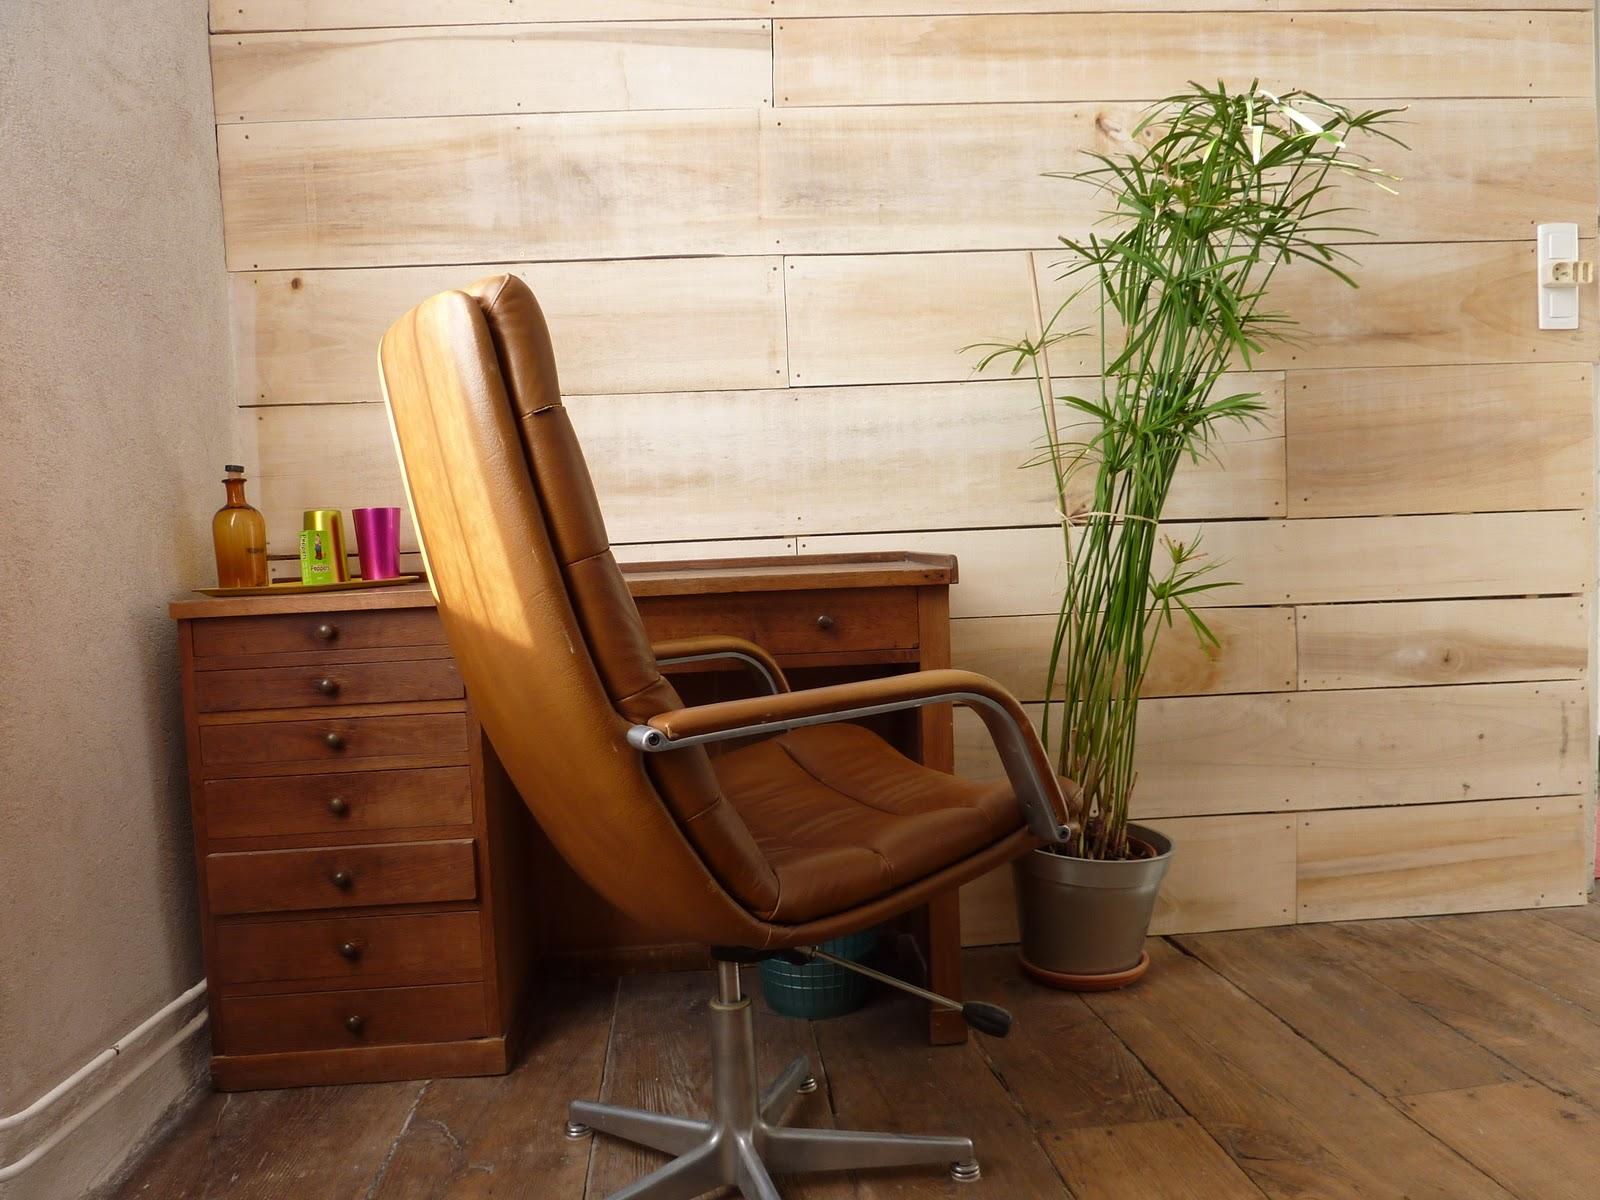 mur interieur en bois de coffrage. Black Bedroom Furniture Sets. Home Design Ideas